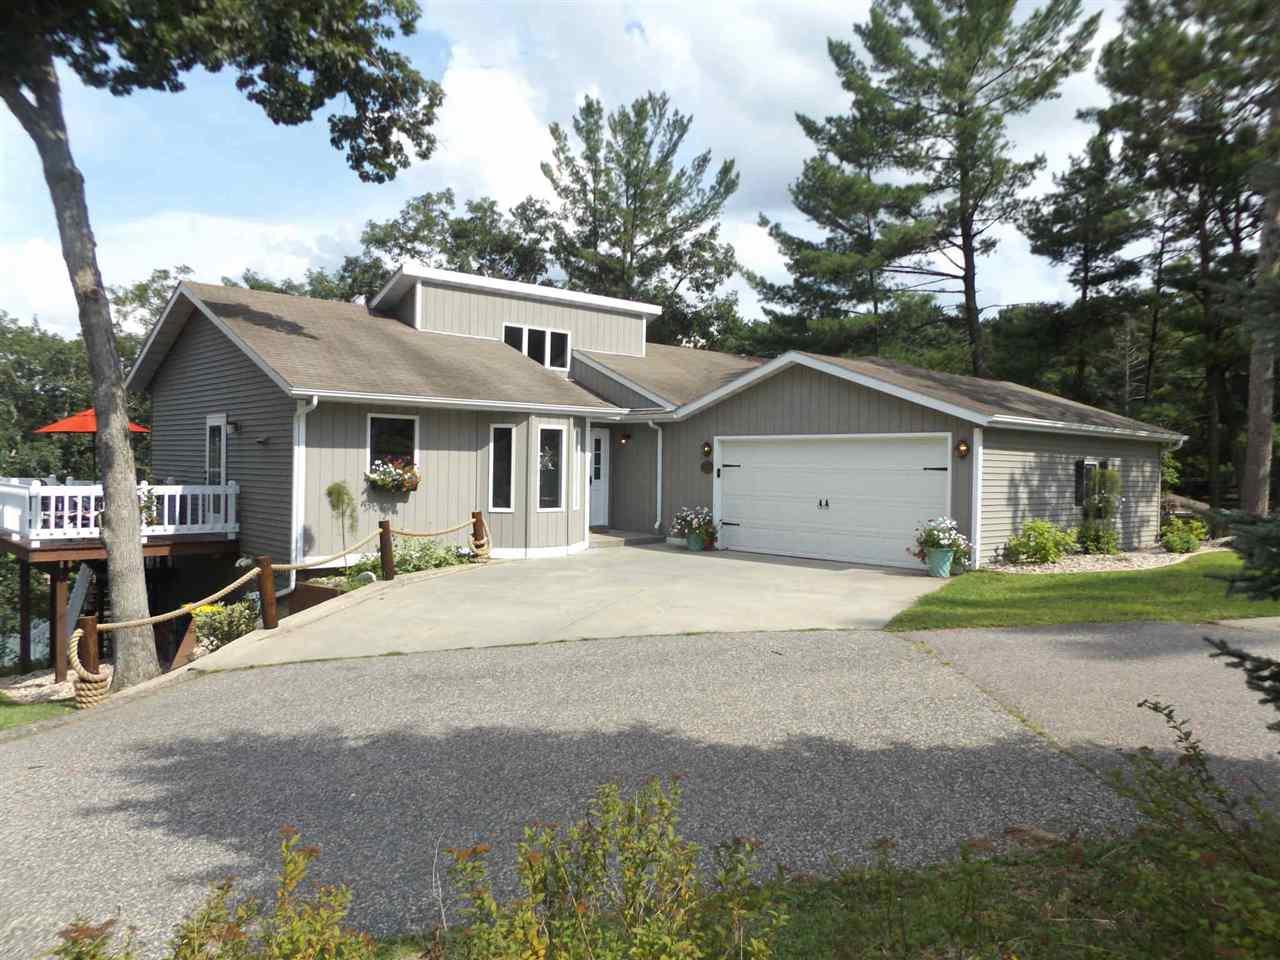 651 Lakeview Ct, Lake Delton, WI 53965